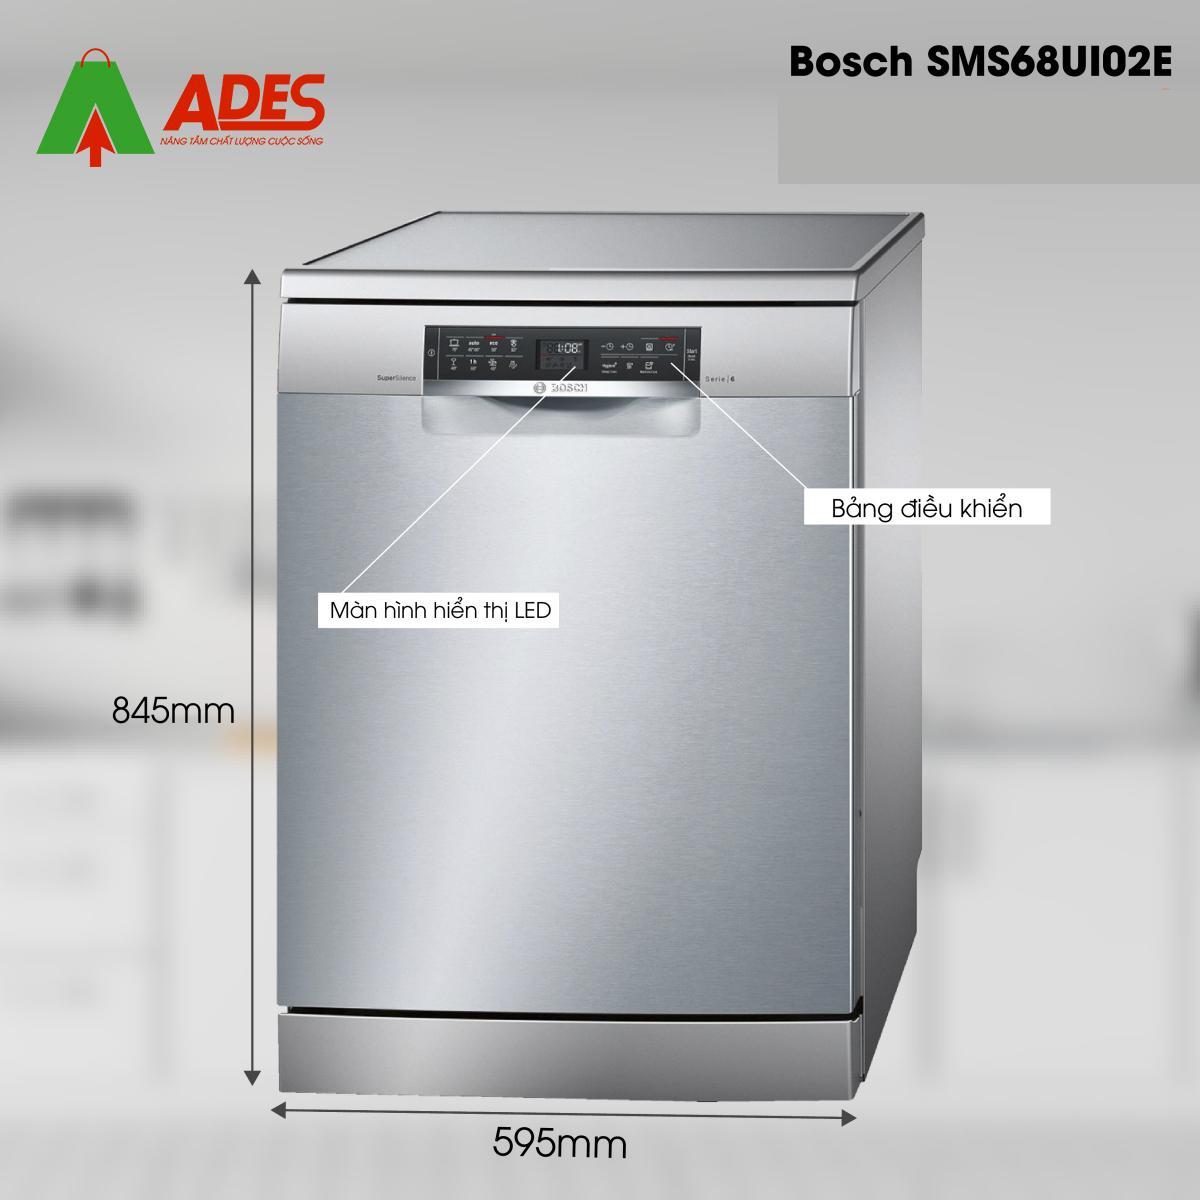 Cau tao may rua bat Bosch SMS68UI02E